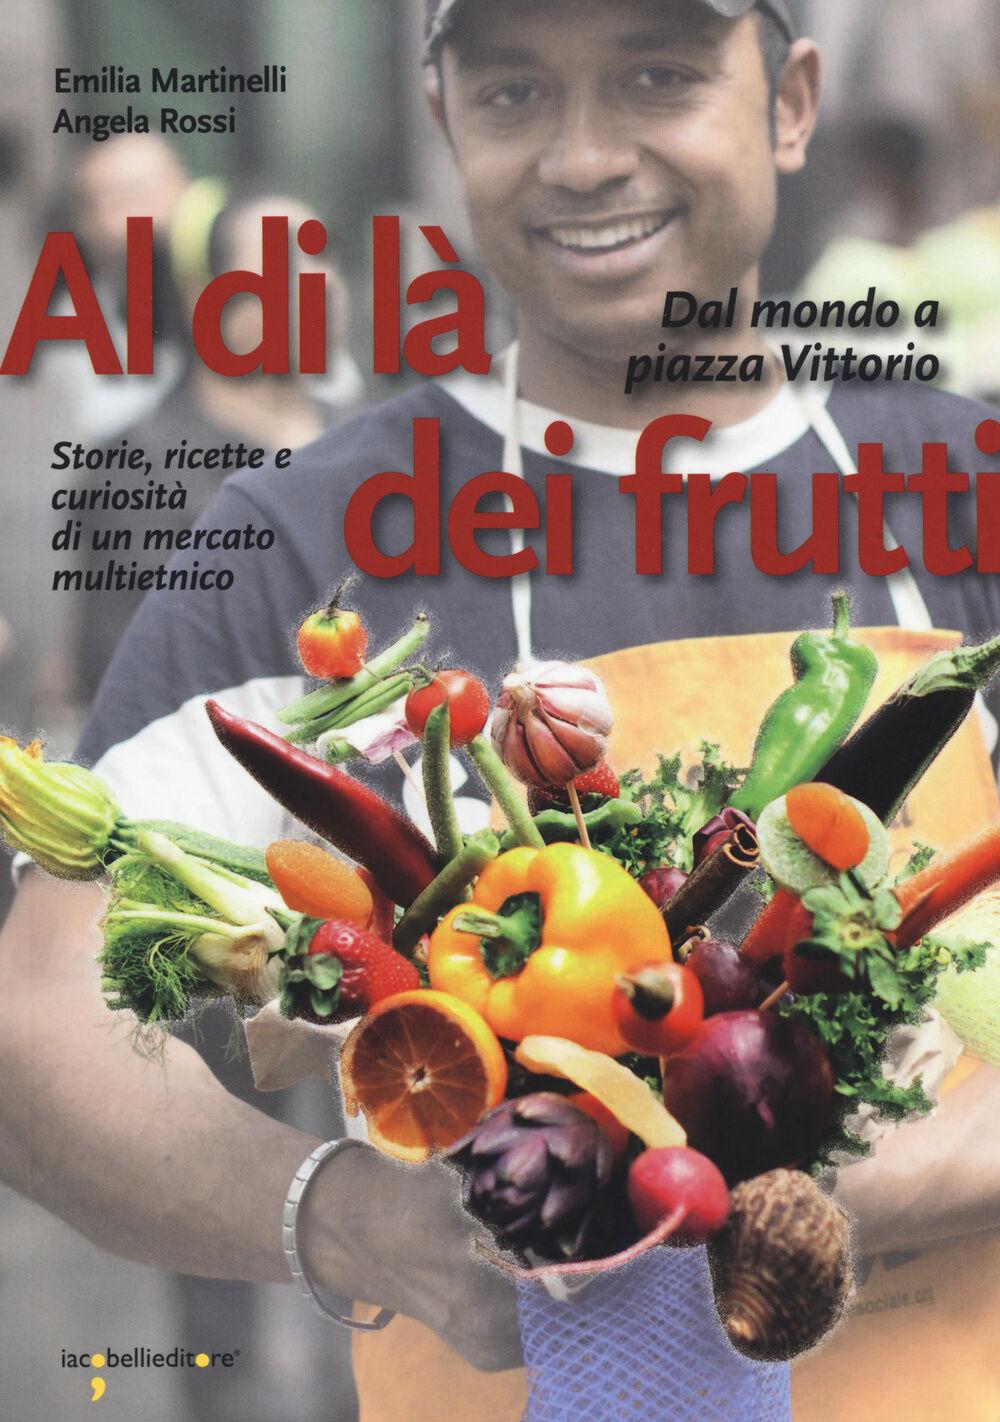 Al di là dei frutti. Dal mondo a Piazza Vittorio. Storie, ricette e curiosità di un mercato multietnico